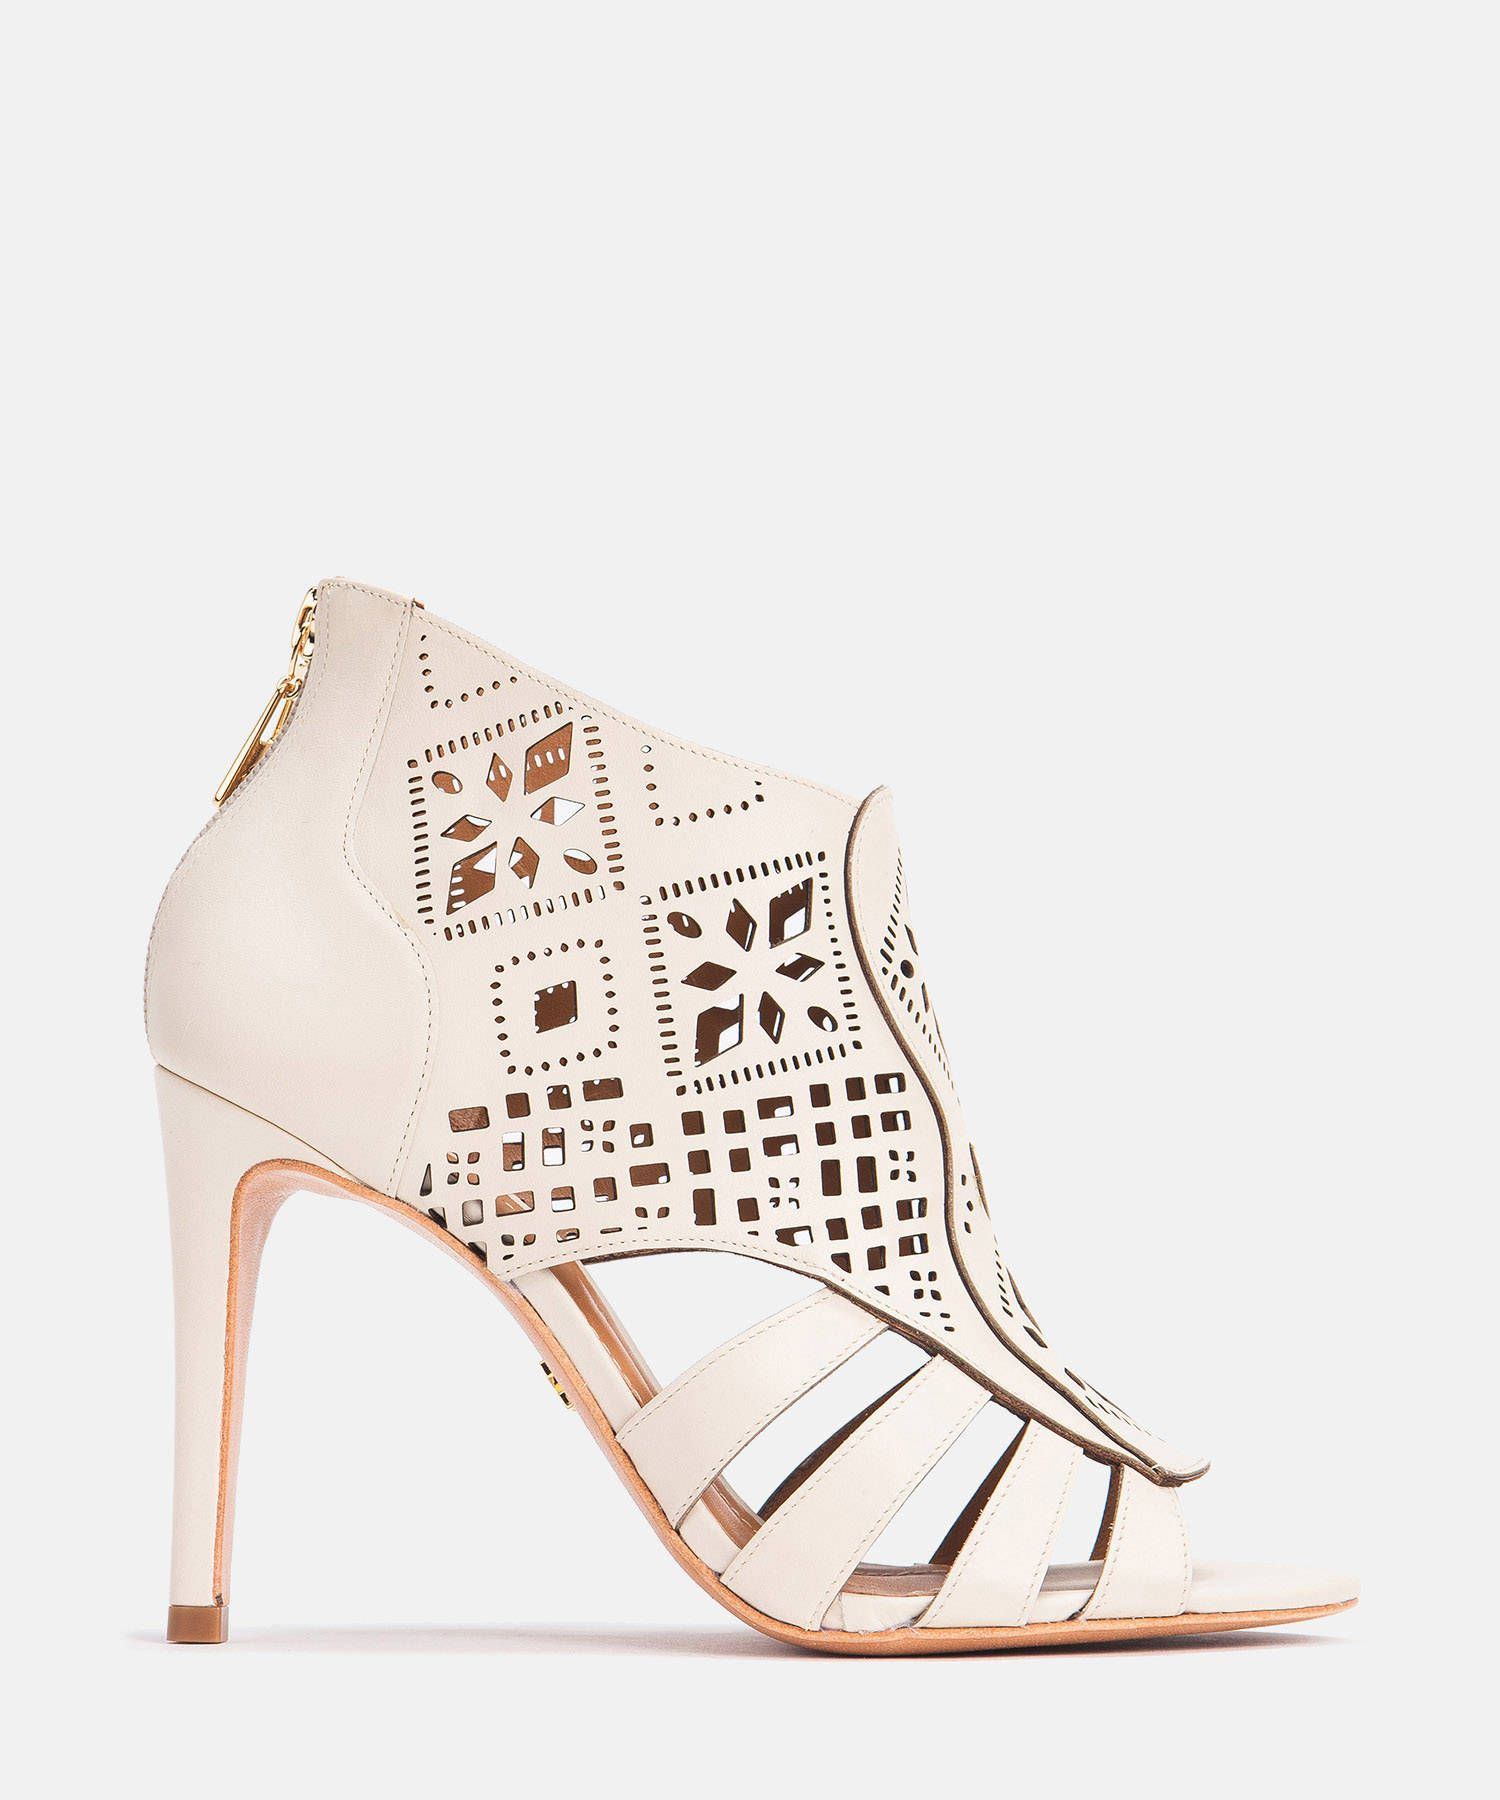 Botki Peep Toe Damskie Kremowe 32210 01 29 Z Kolekcji 2018 Serdecznie Zapraszamy Do Zapoznania Sie Z Aktualna Oferta Sklepu Int Shoes Shoe Boots Wedding Shoe